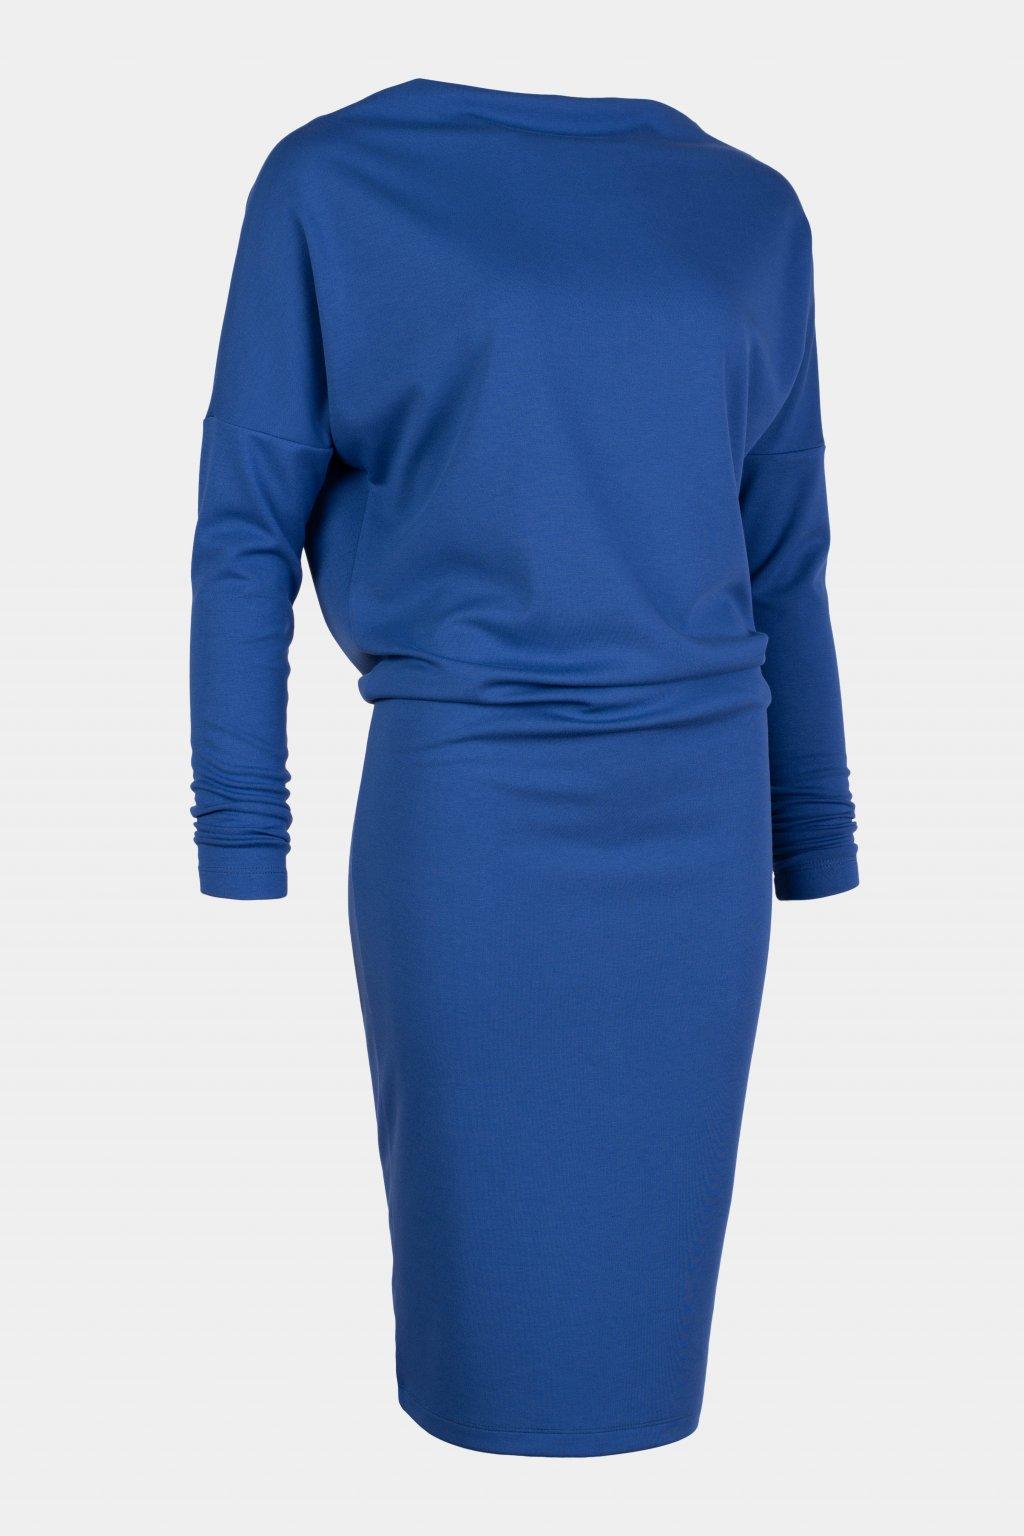 Šaty modré 31055